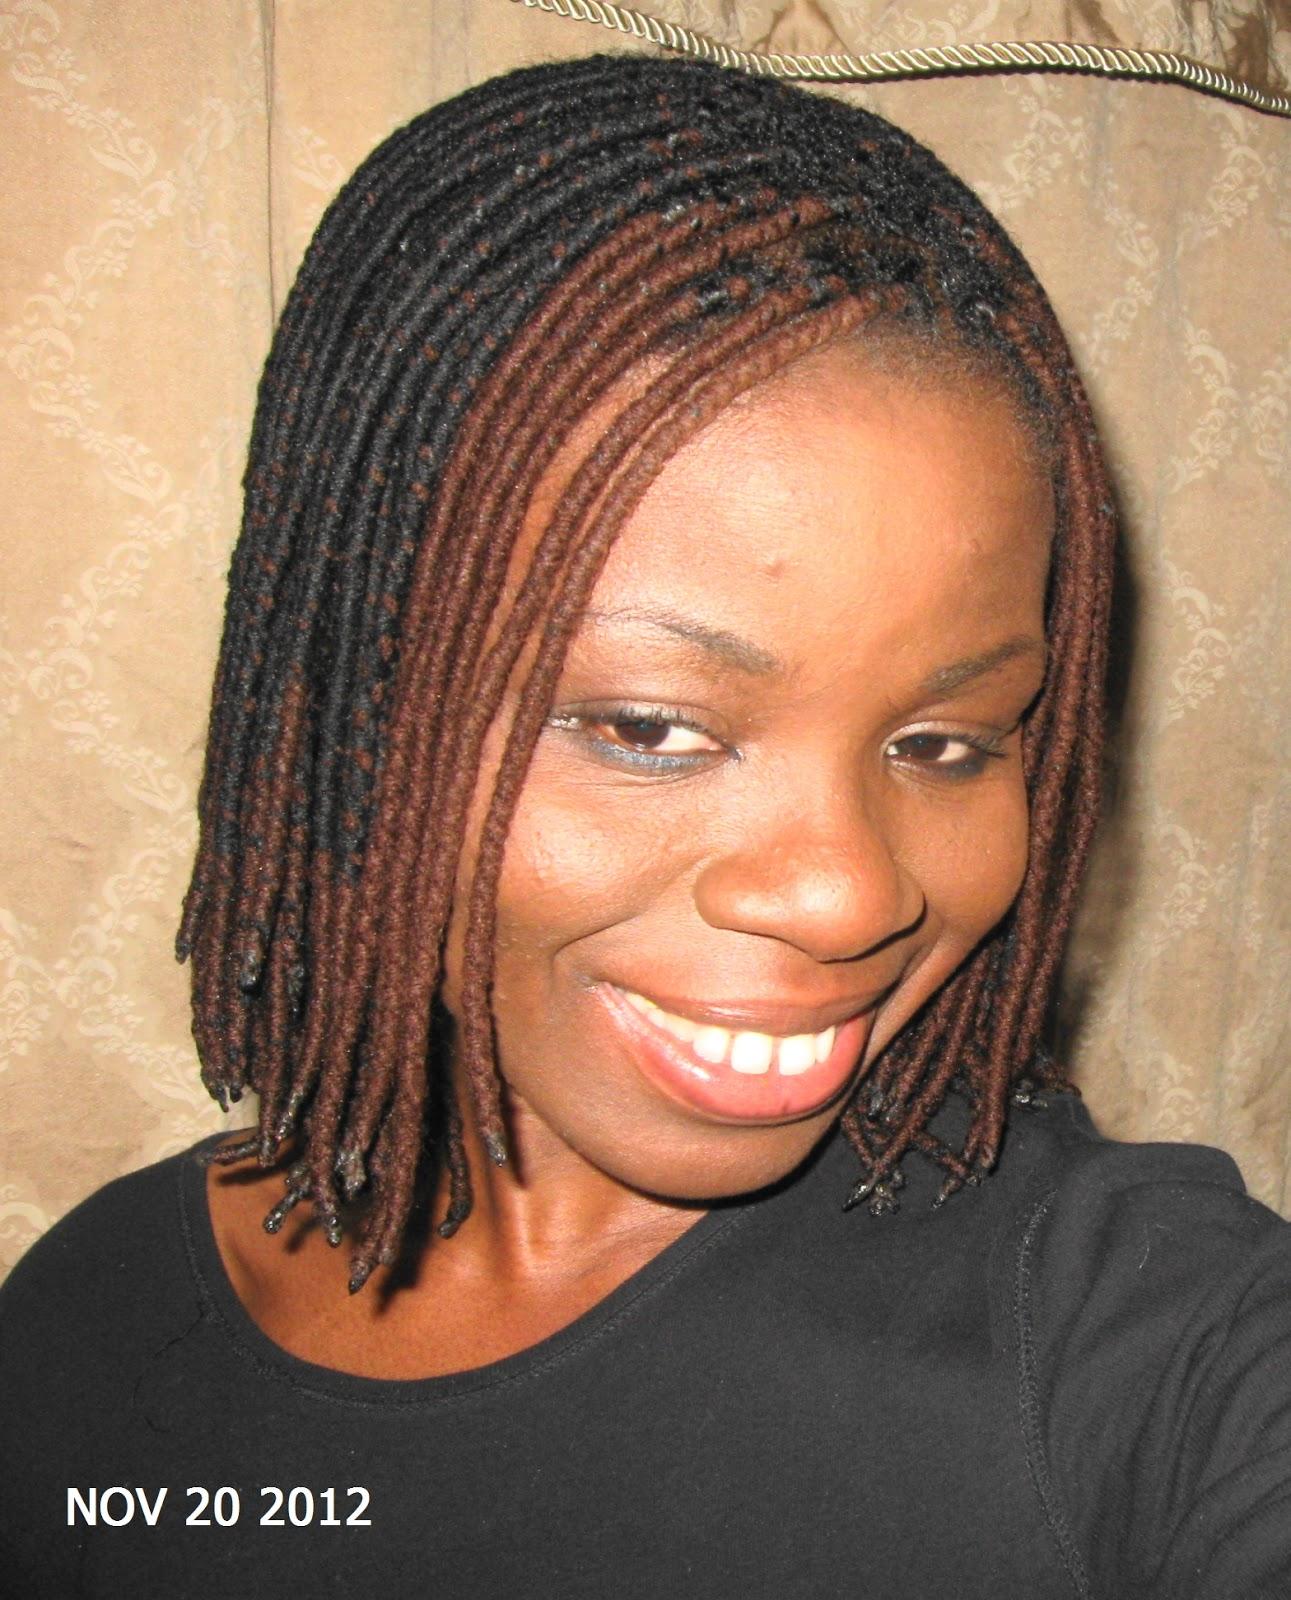 Yarn Spun From Human Hair 4